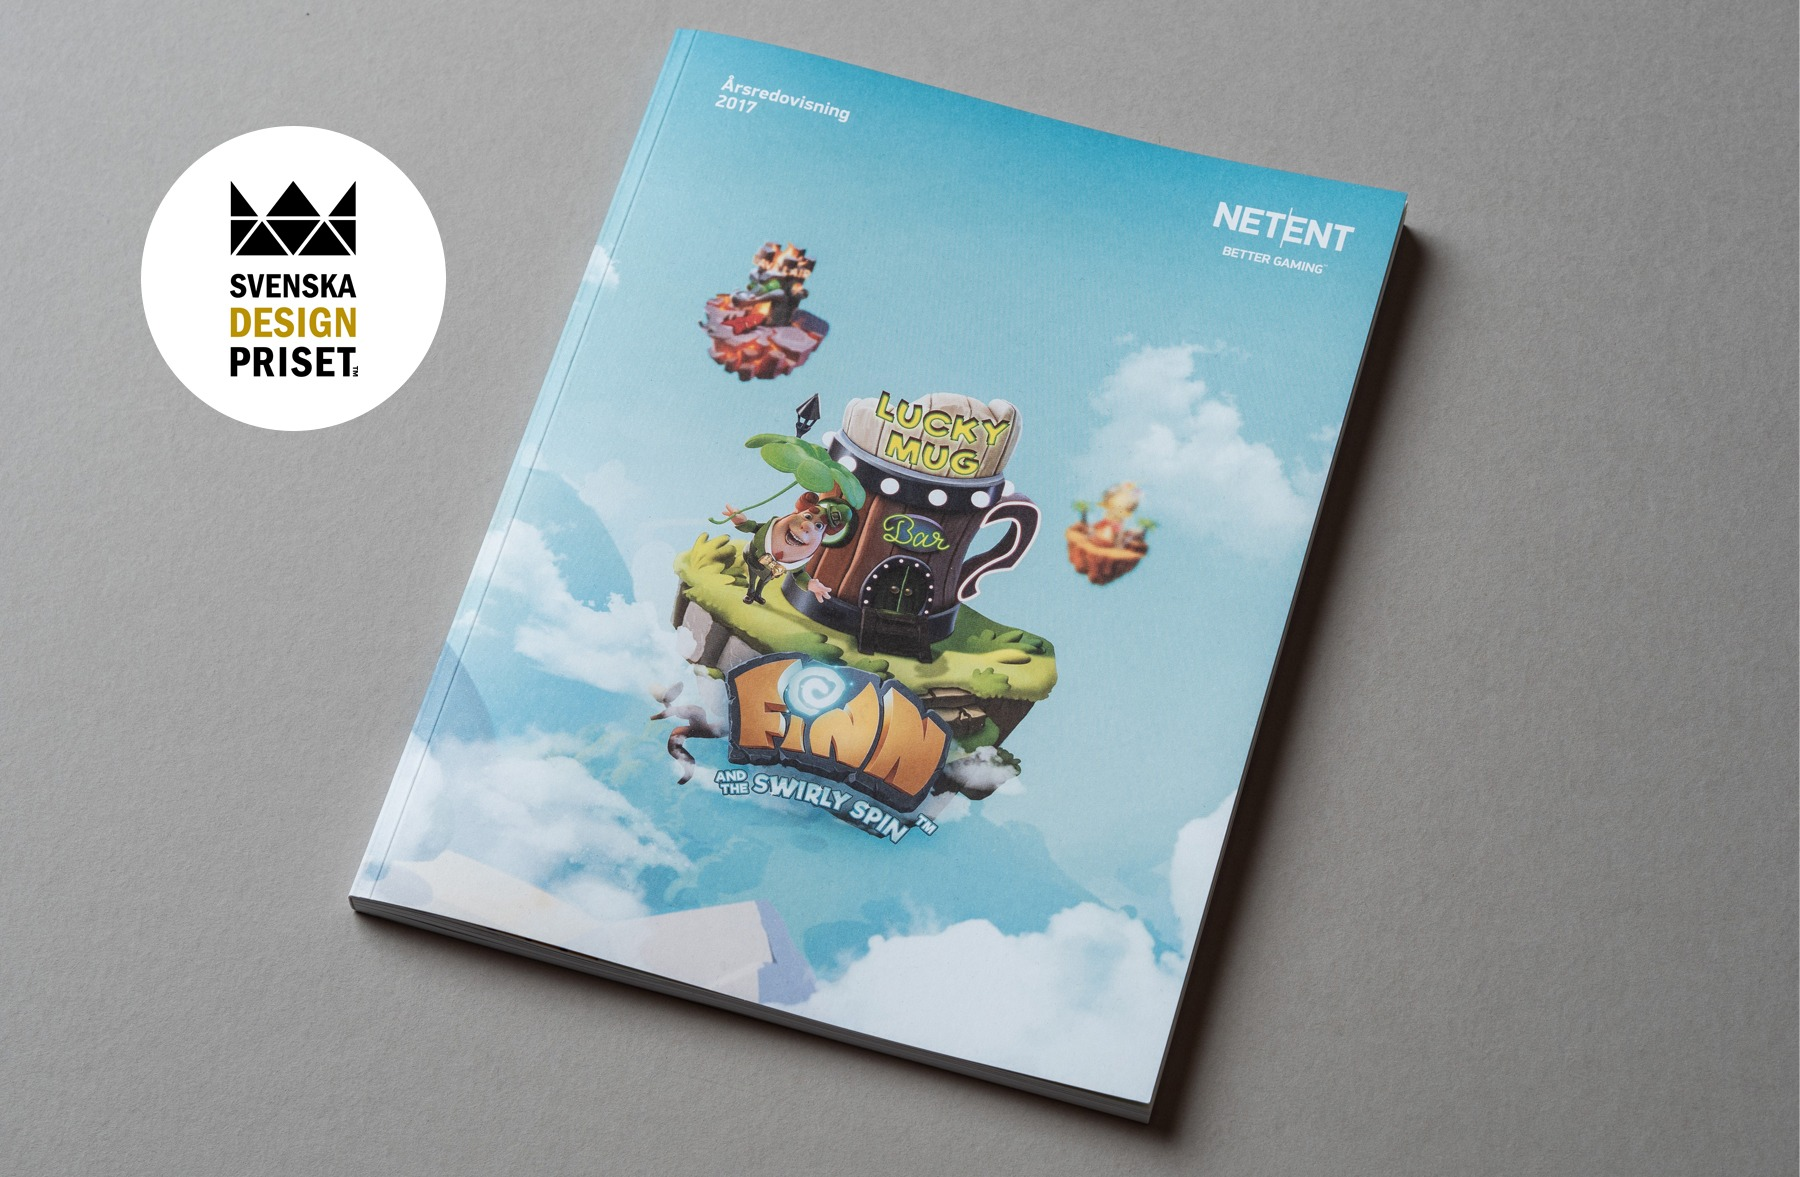 NetEnt årsredovisning nominerad till Svenska Designpriset